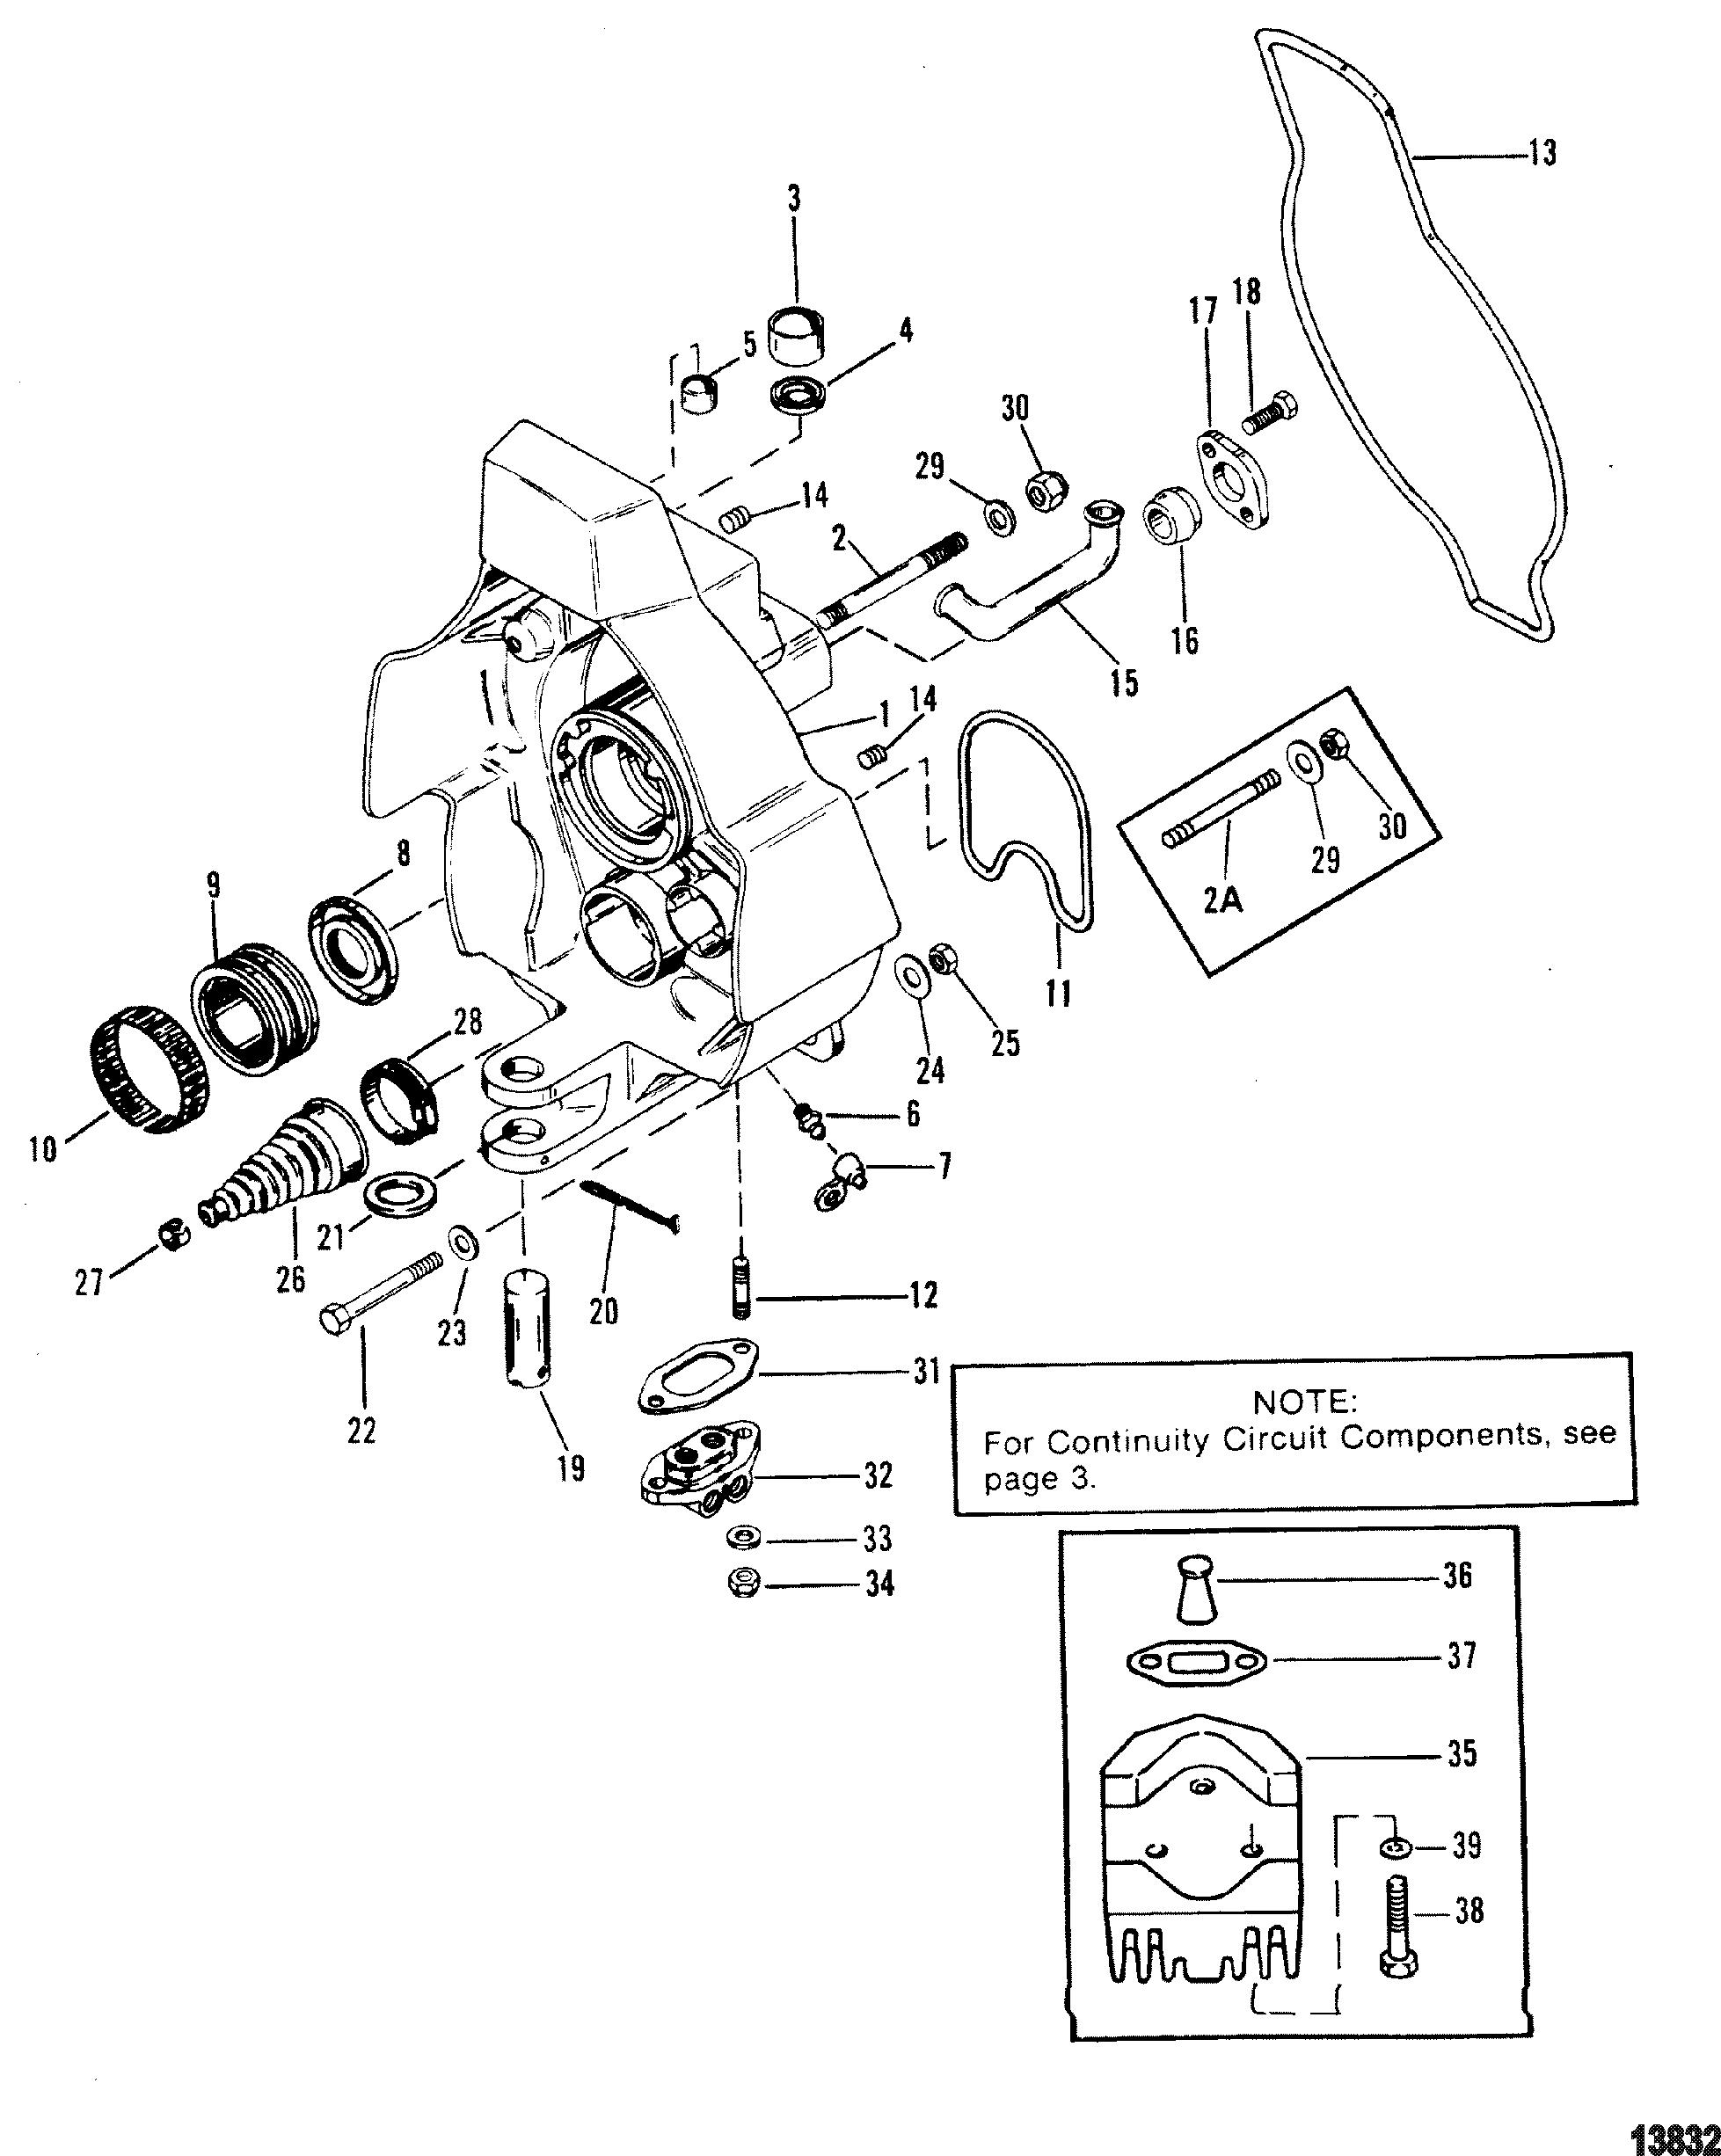 Gimbal Housing For Mercruiser Alpha One Gen Ii Stern Drive